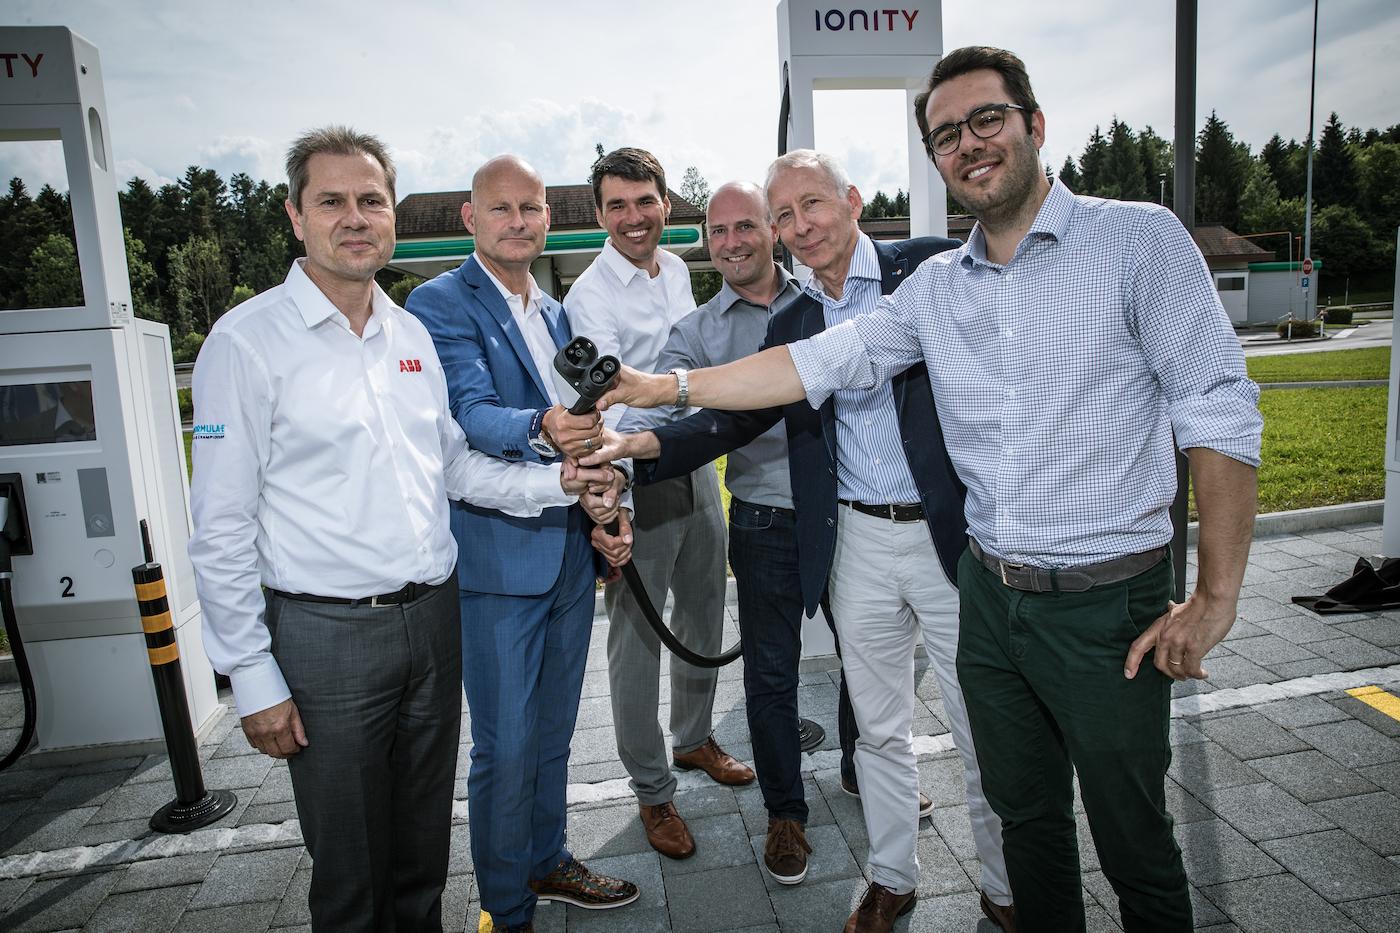 Remo Lütolf (CEO d'ABB Suisse), Markus Brokhof (membre de la direction générale d'Alpiq), Marcel Mayer (directeur adjoint d'Alpiq E-Mobility), Thomas Lohmann (direction générale de Luzerner Raststätte), Franz Wüest (président du conseil d'administration de Luzerner Raststätte) et Christian Zeh (Head of DACH & CEE d'Ionity, de gauche à droite). (Philippe Rossier)